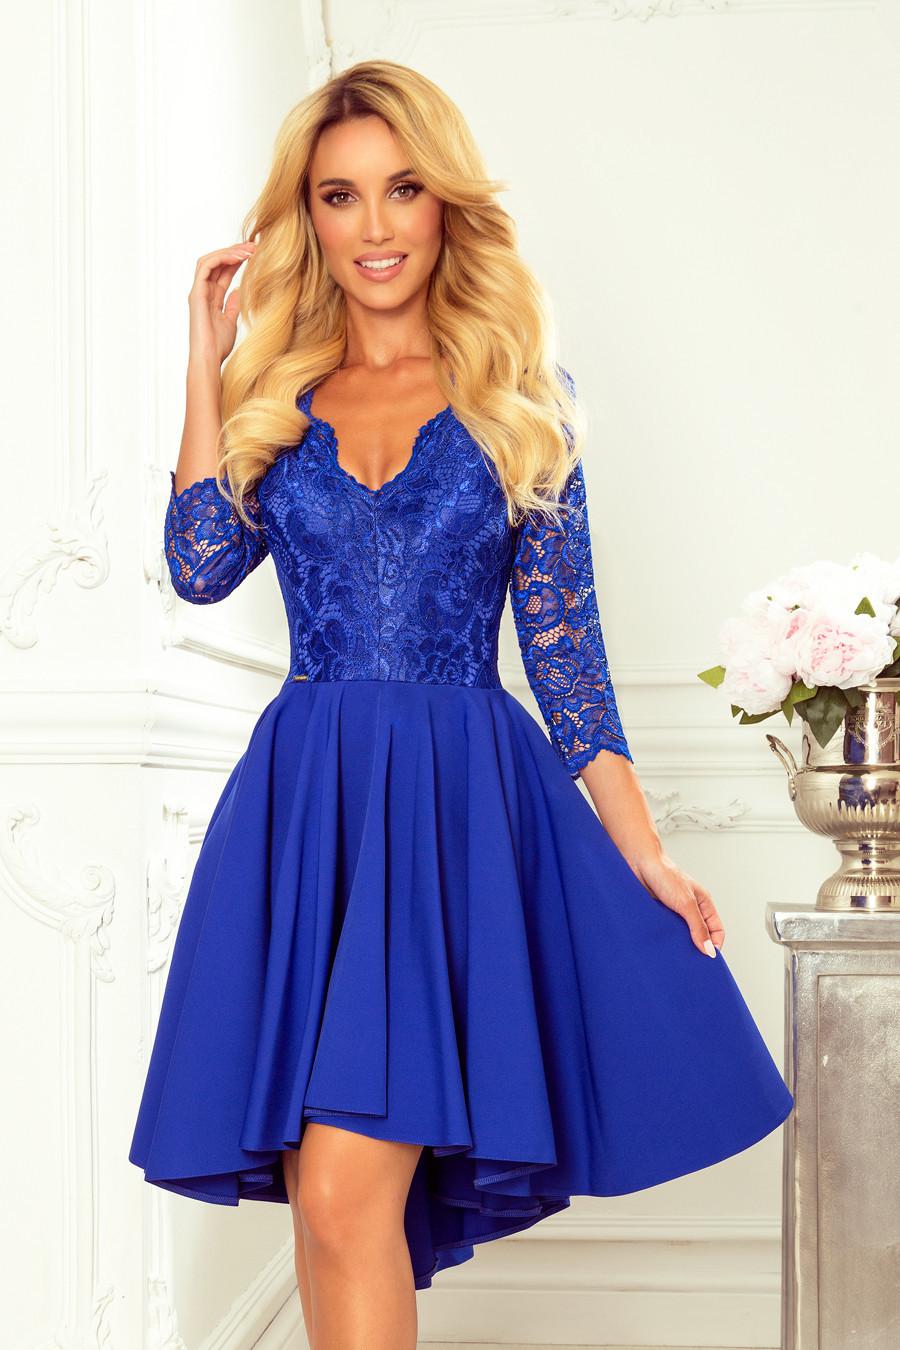 NICOLLE - Svetlo modré dámske šaty s dlhším zadným dielom as čipkovaným výstrihom 210-12 L